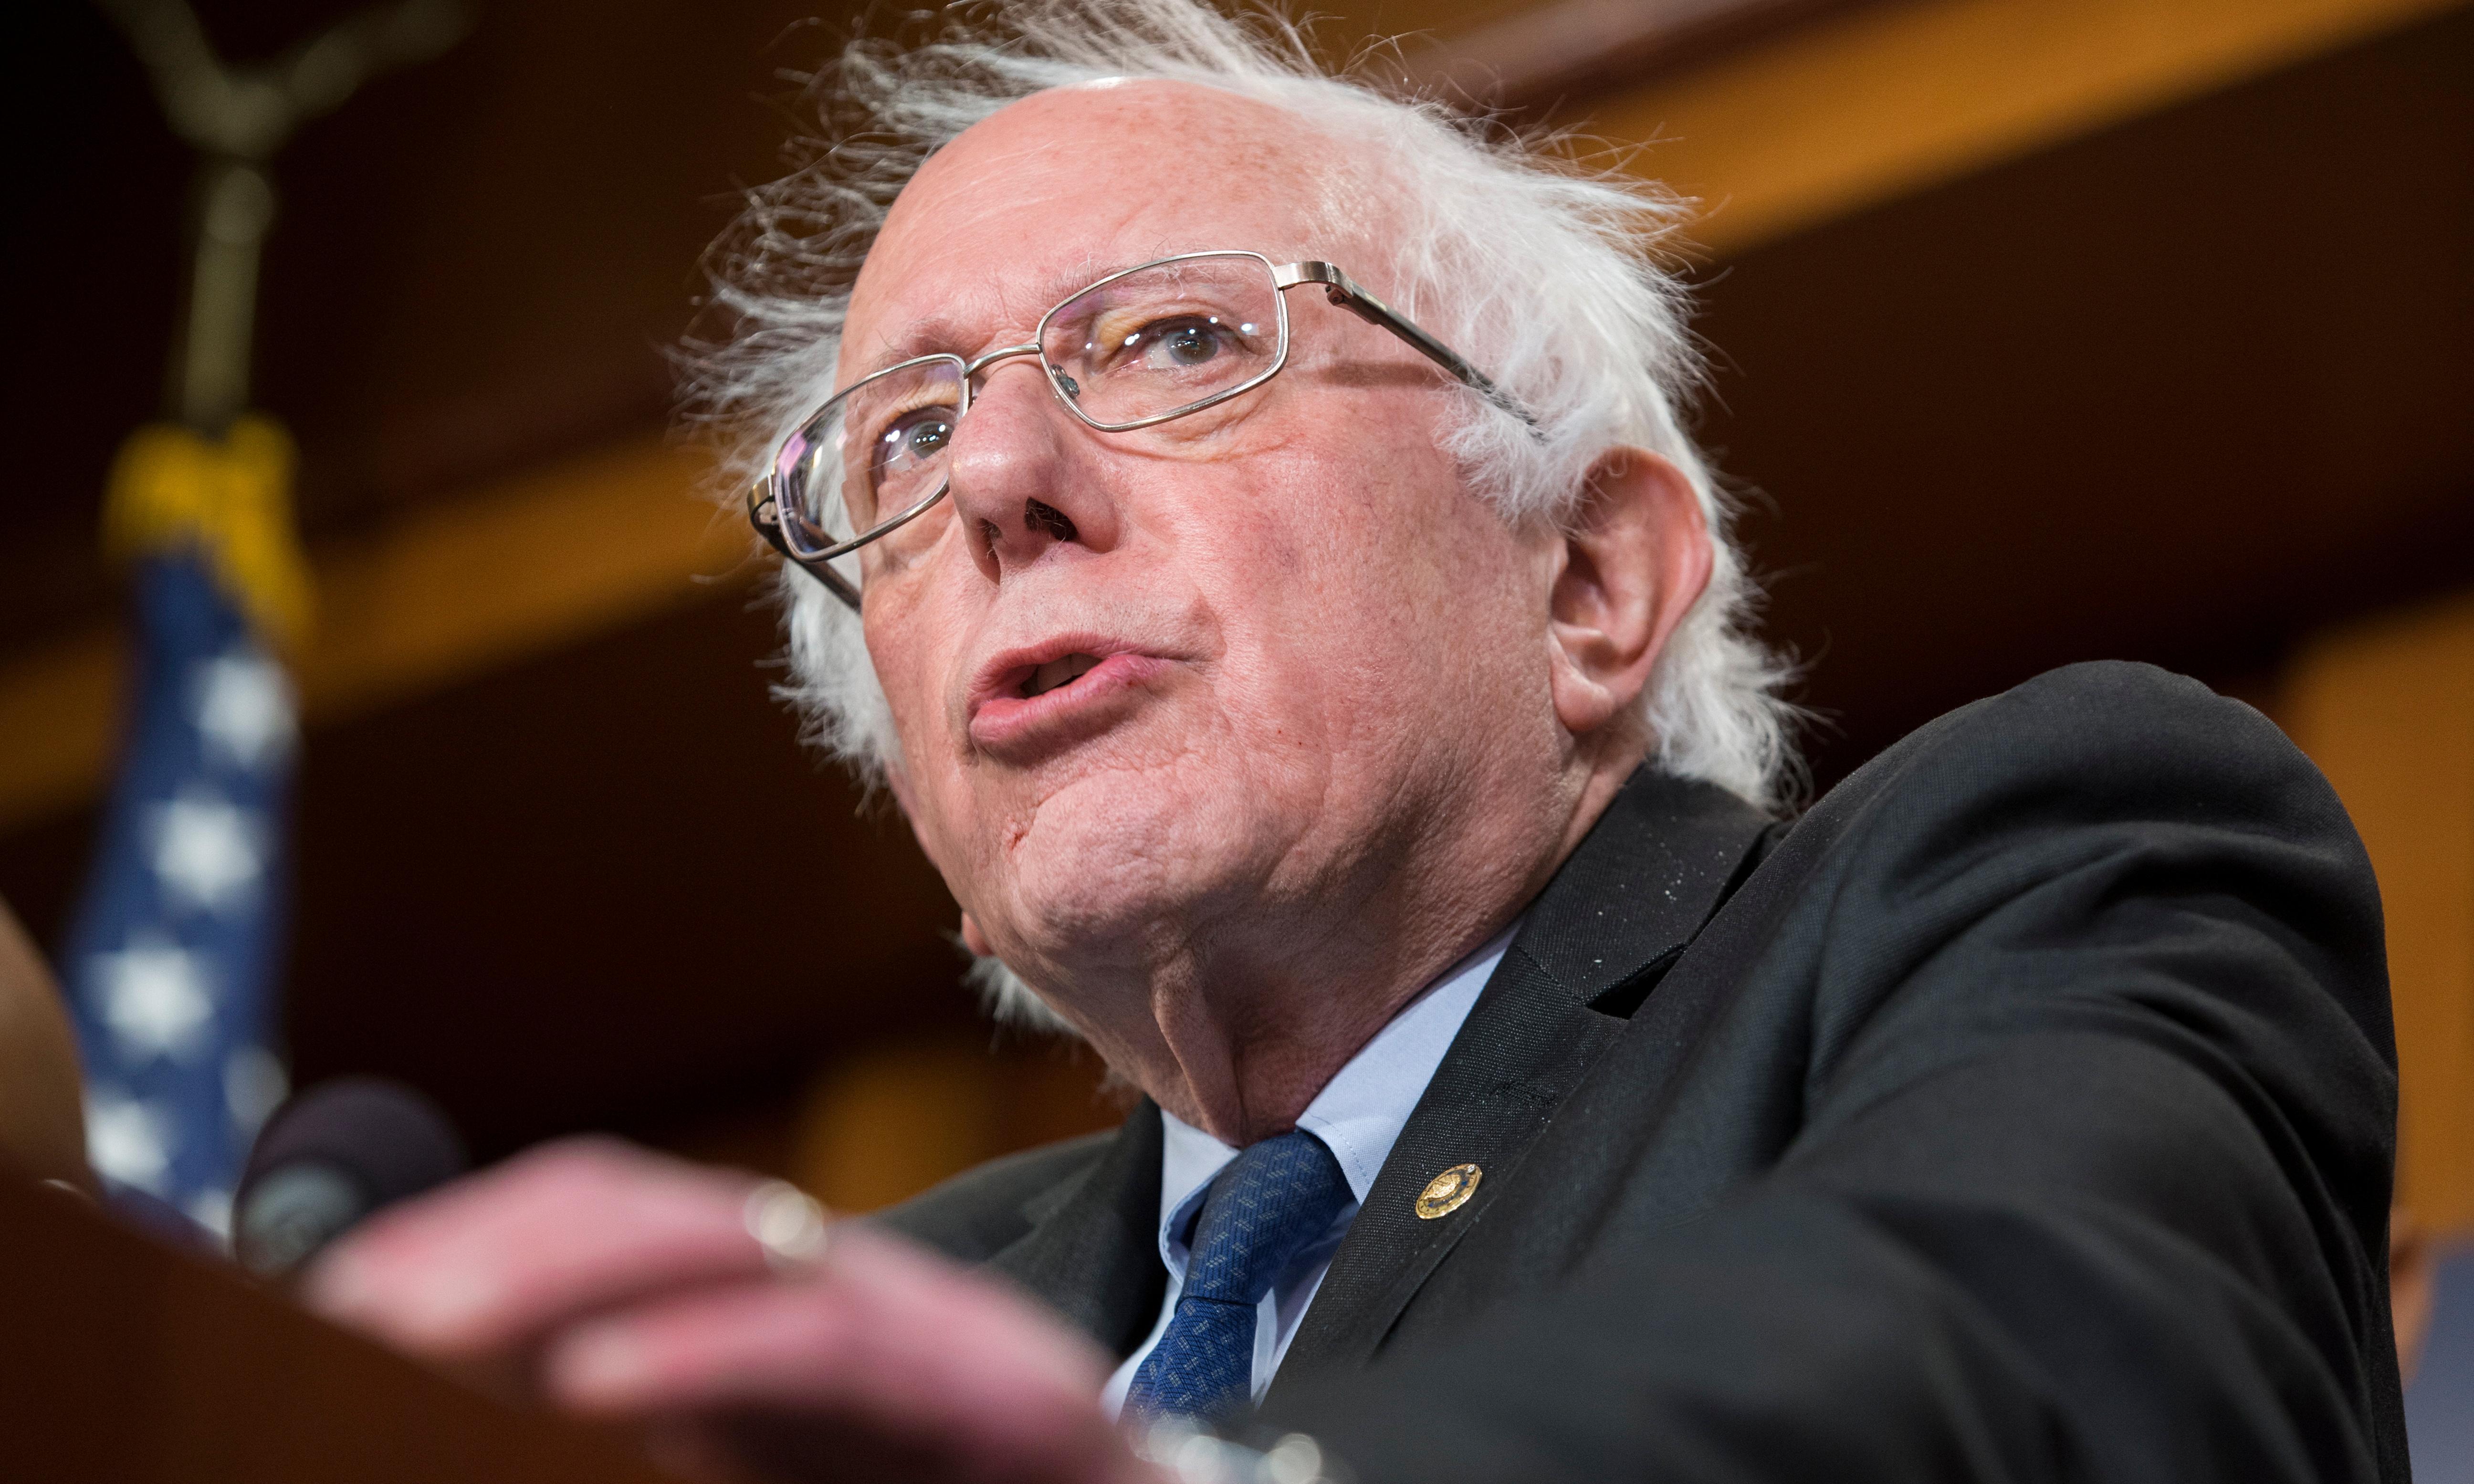 Bernie Sanders announces run for presidency in 2020